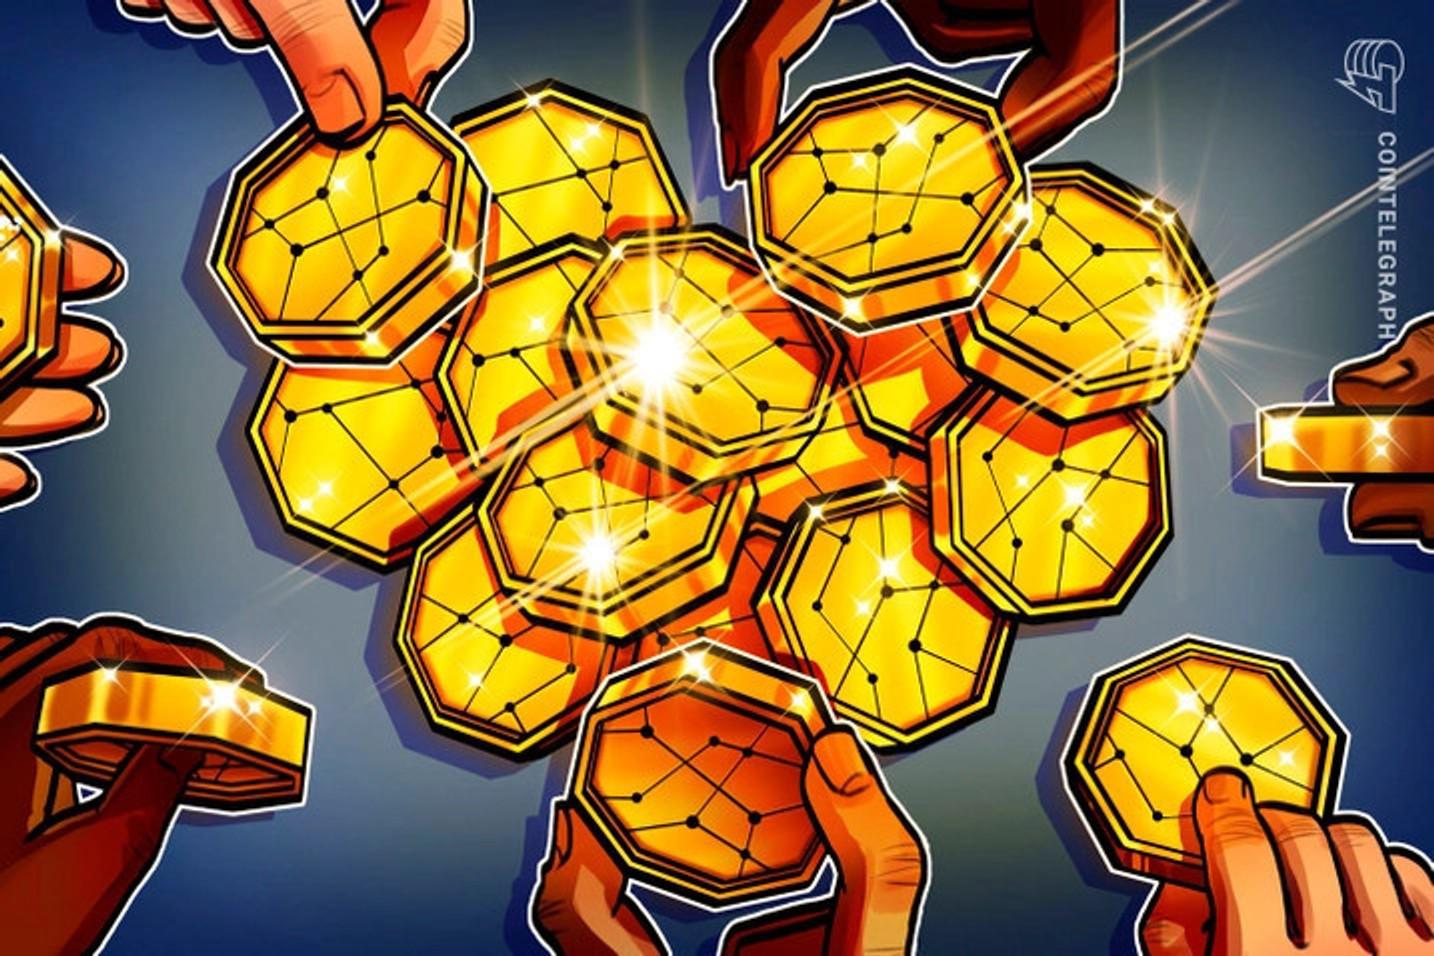 Projeto de Lei na Câmara dos Deputados pede fim das taxas TED, DOC e PIX com o uso de blockchain